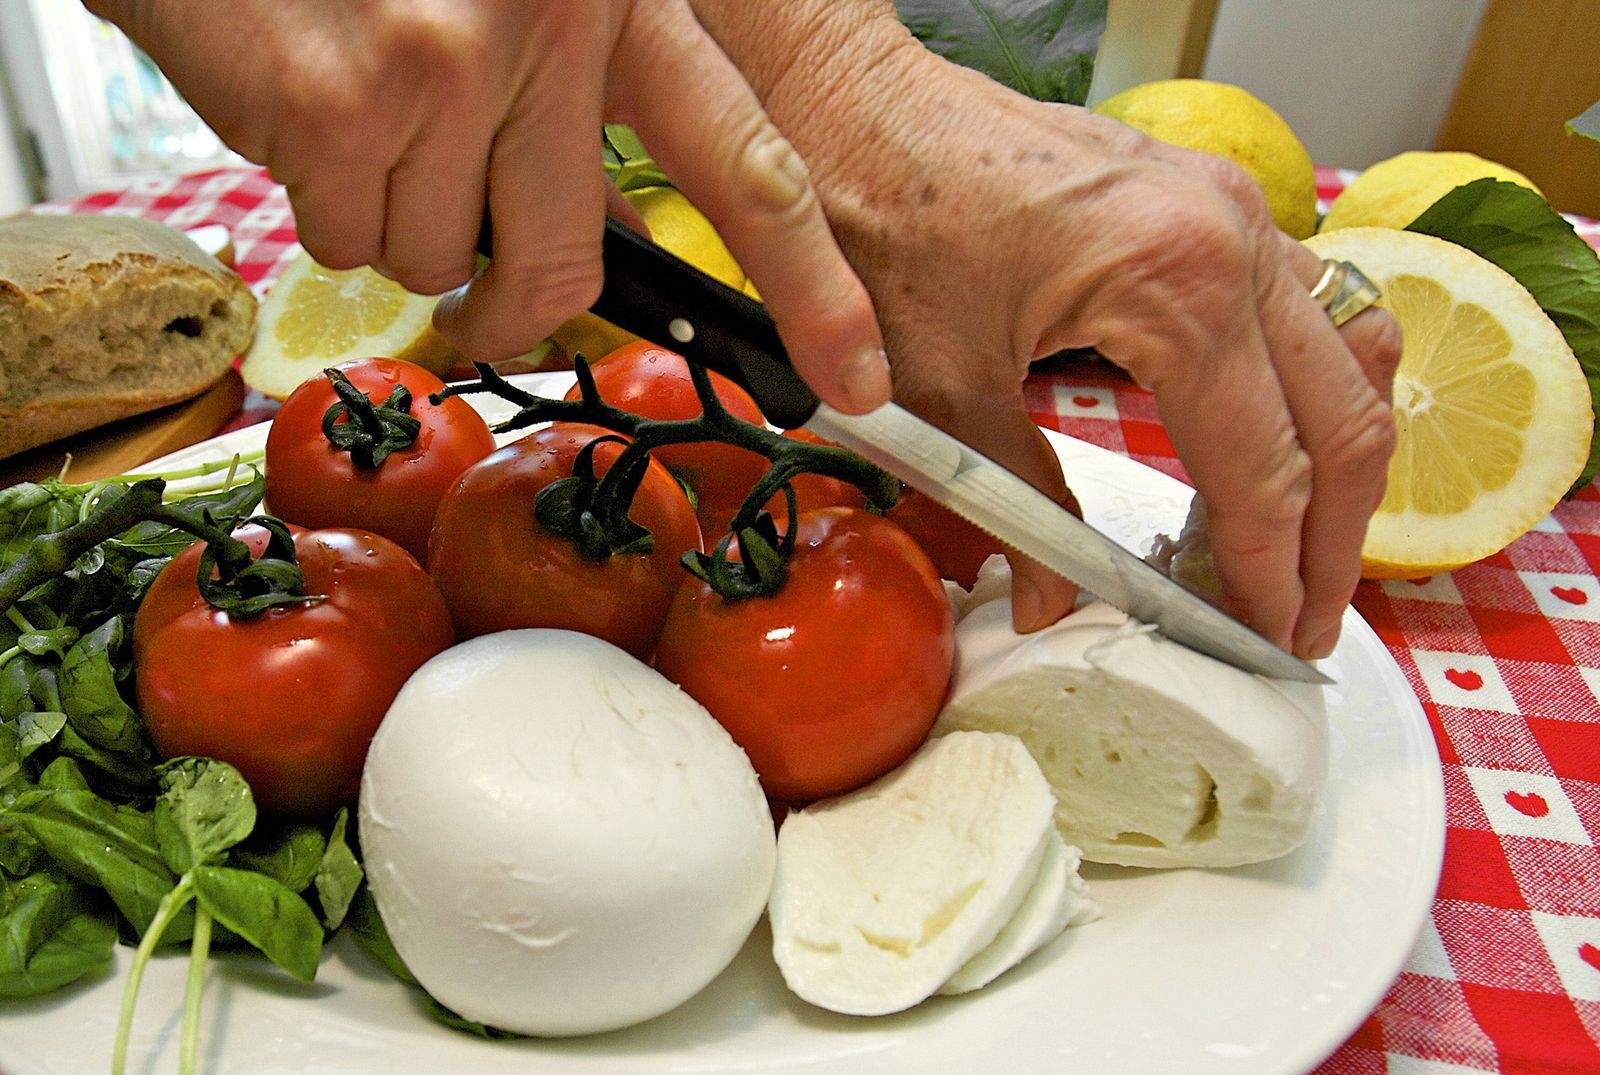 Mittelmeer-Diät Kost